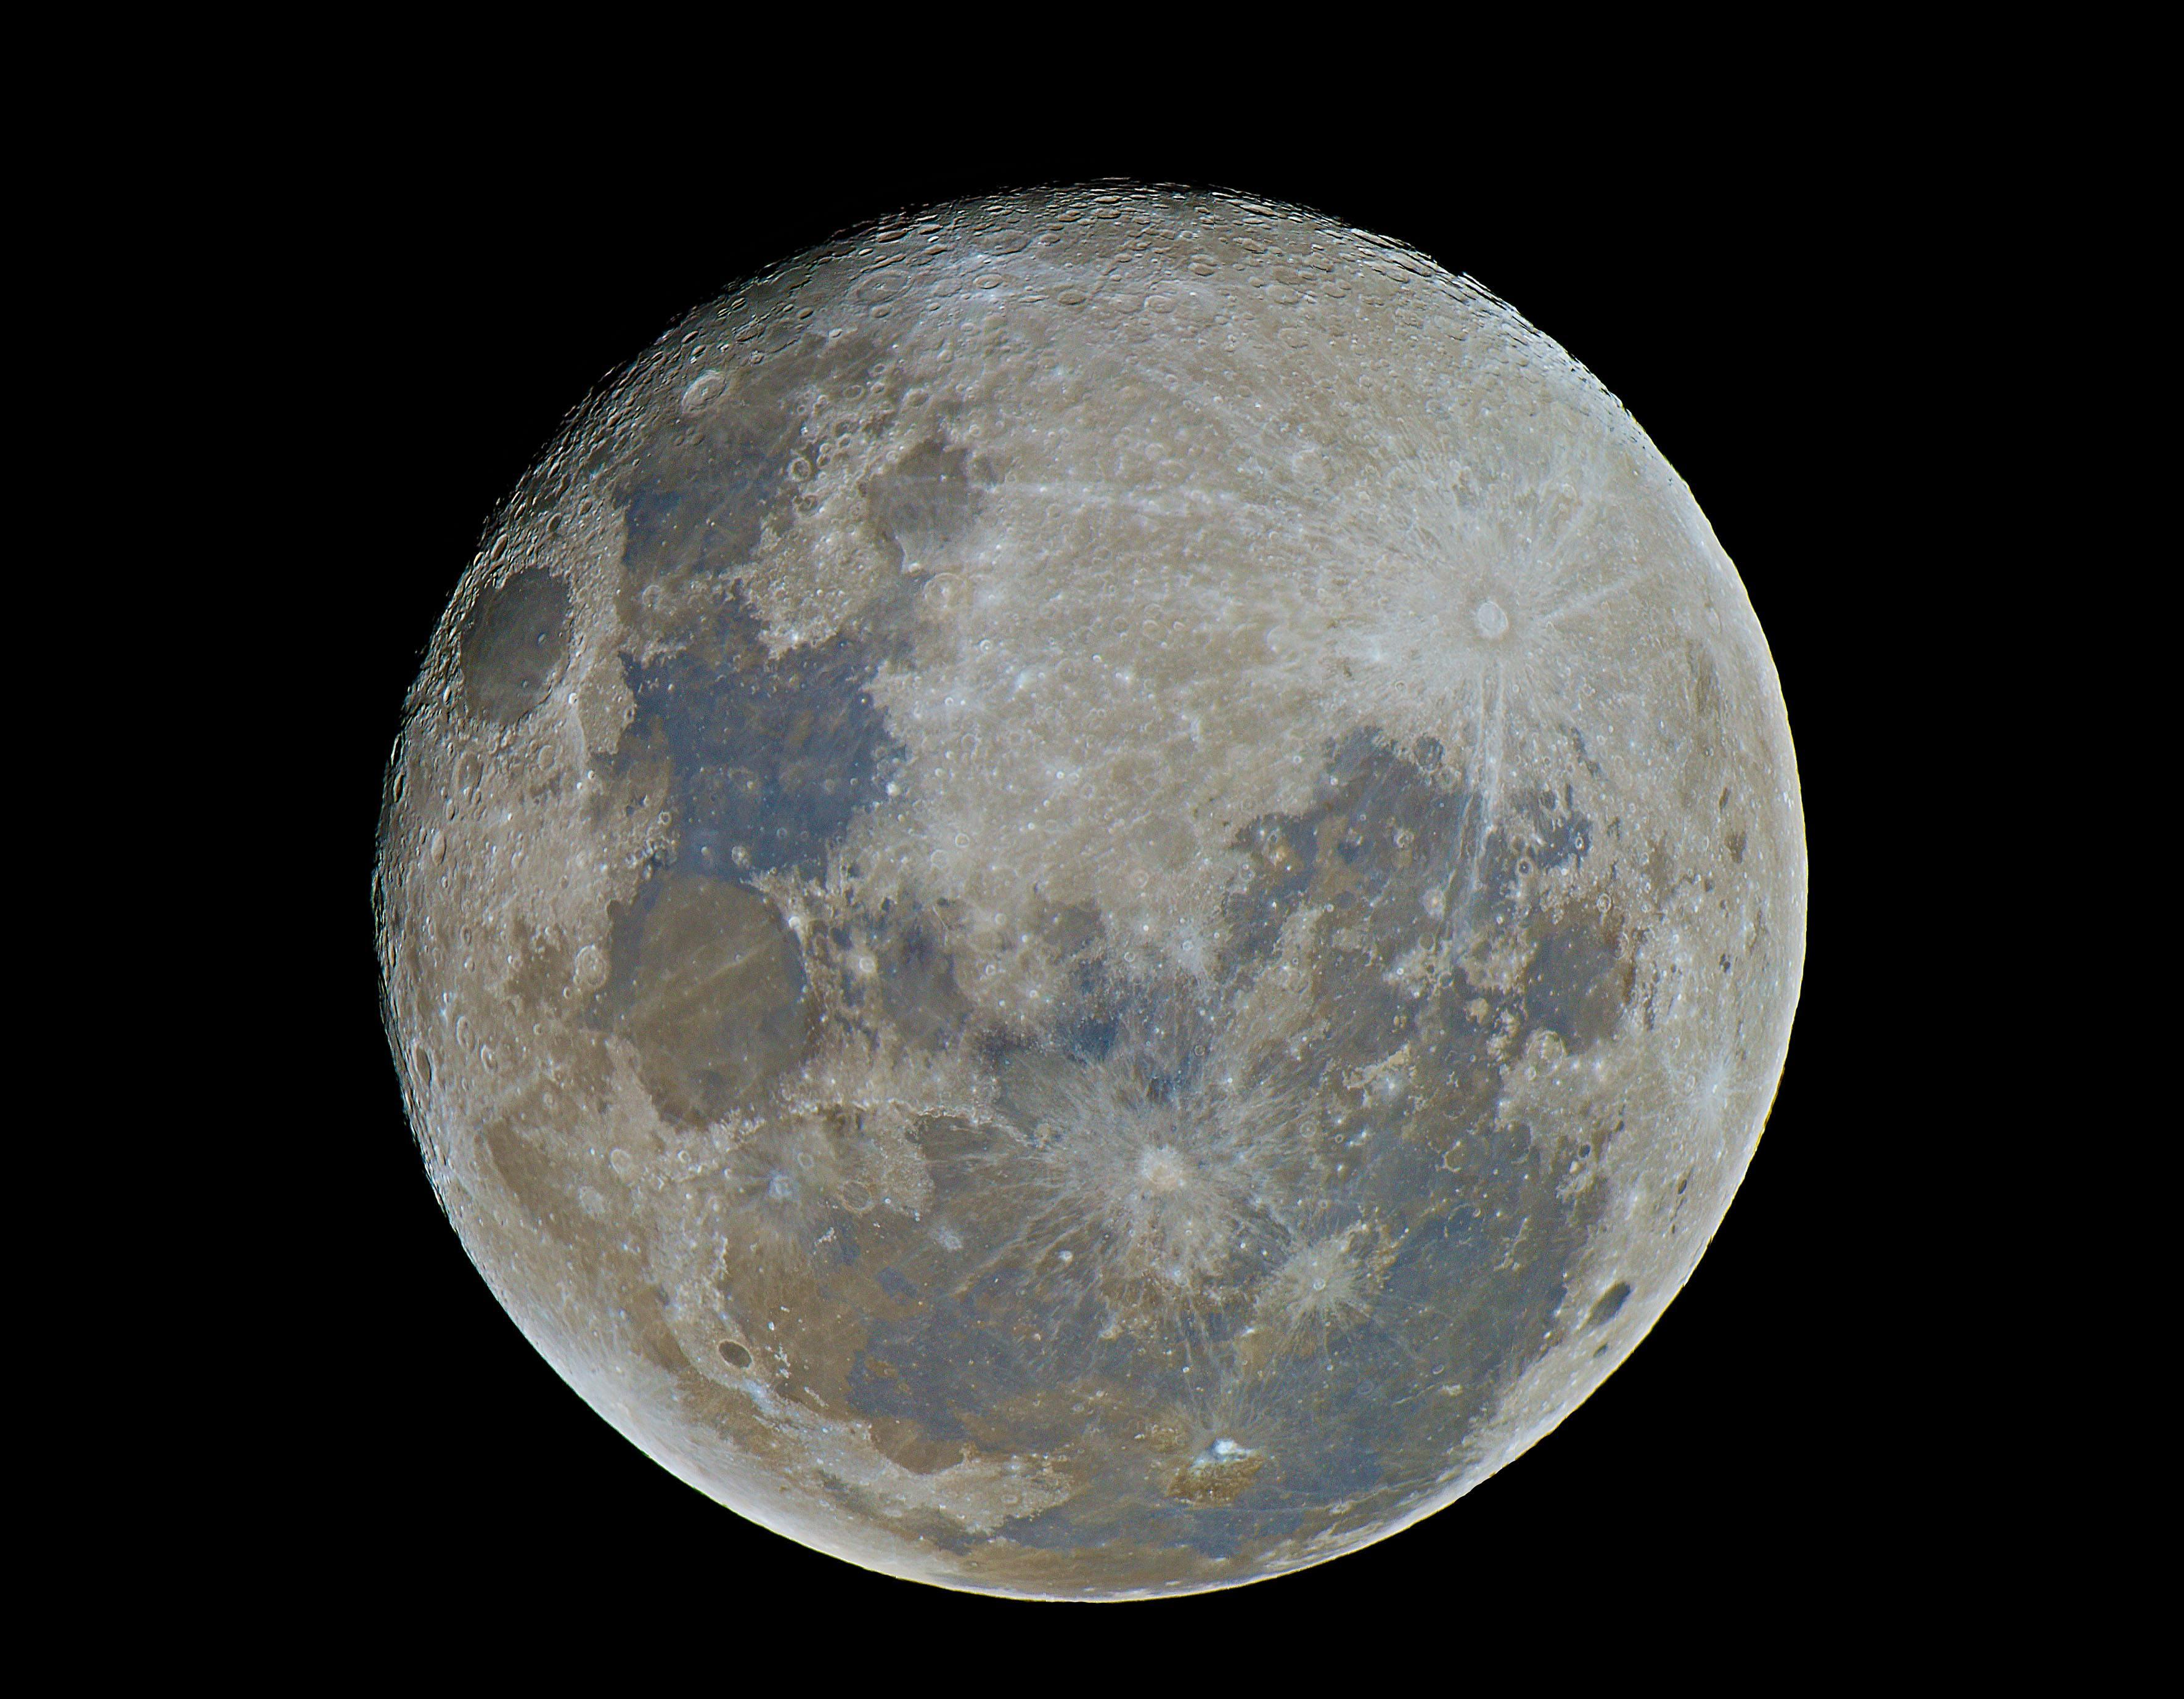 Американец Эндрю МакКарти сделал 50 тысяч снимков Луны исобрал их водин снимок сразрешением 81 мегапиксель.